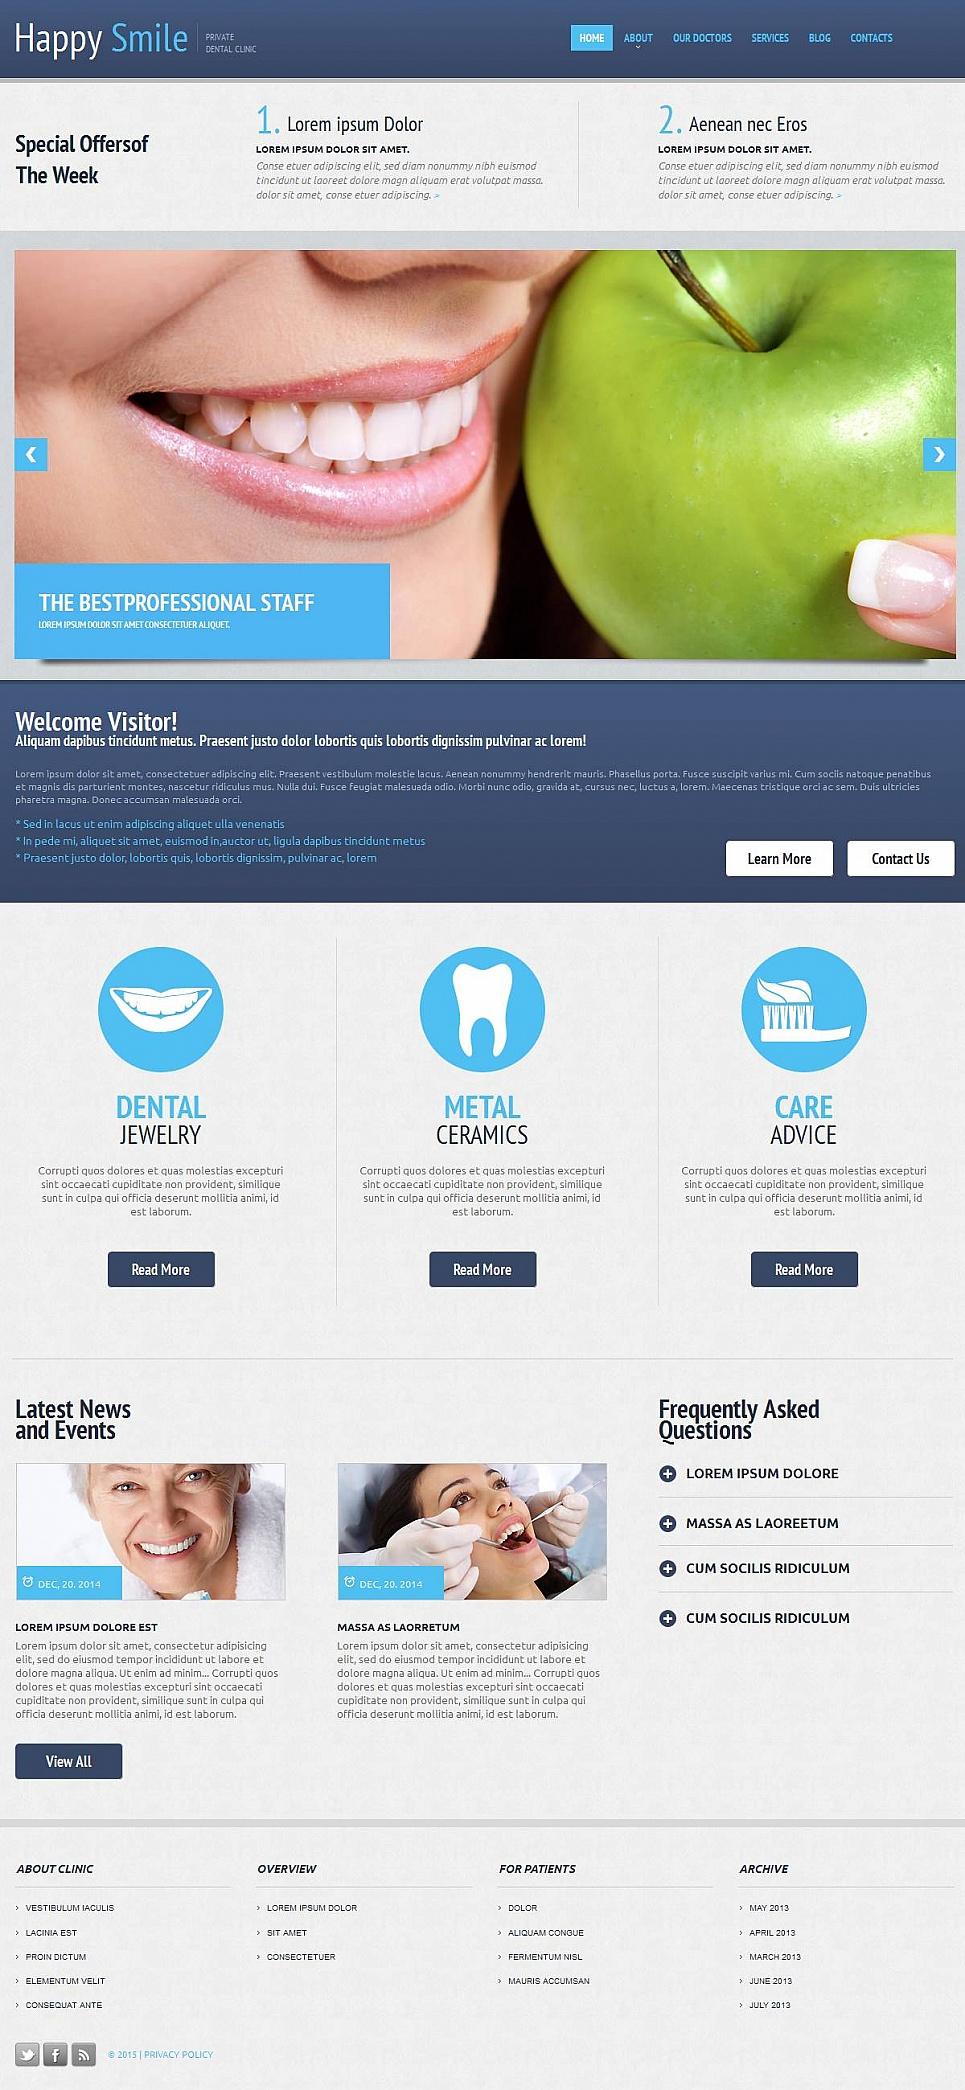 Complete Dentist Website Design - image